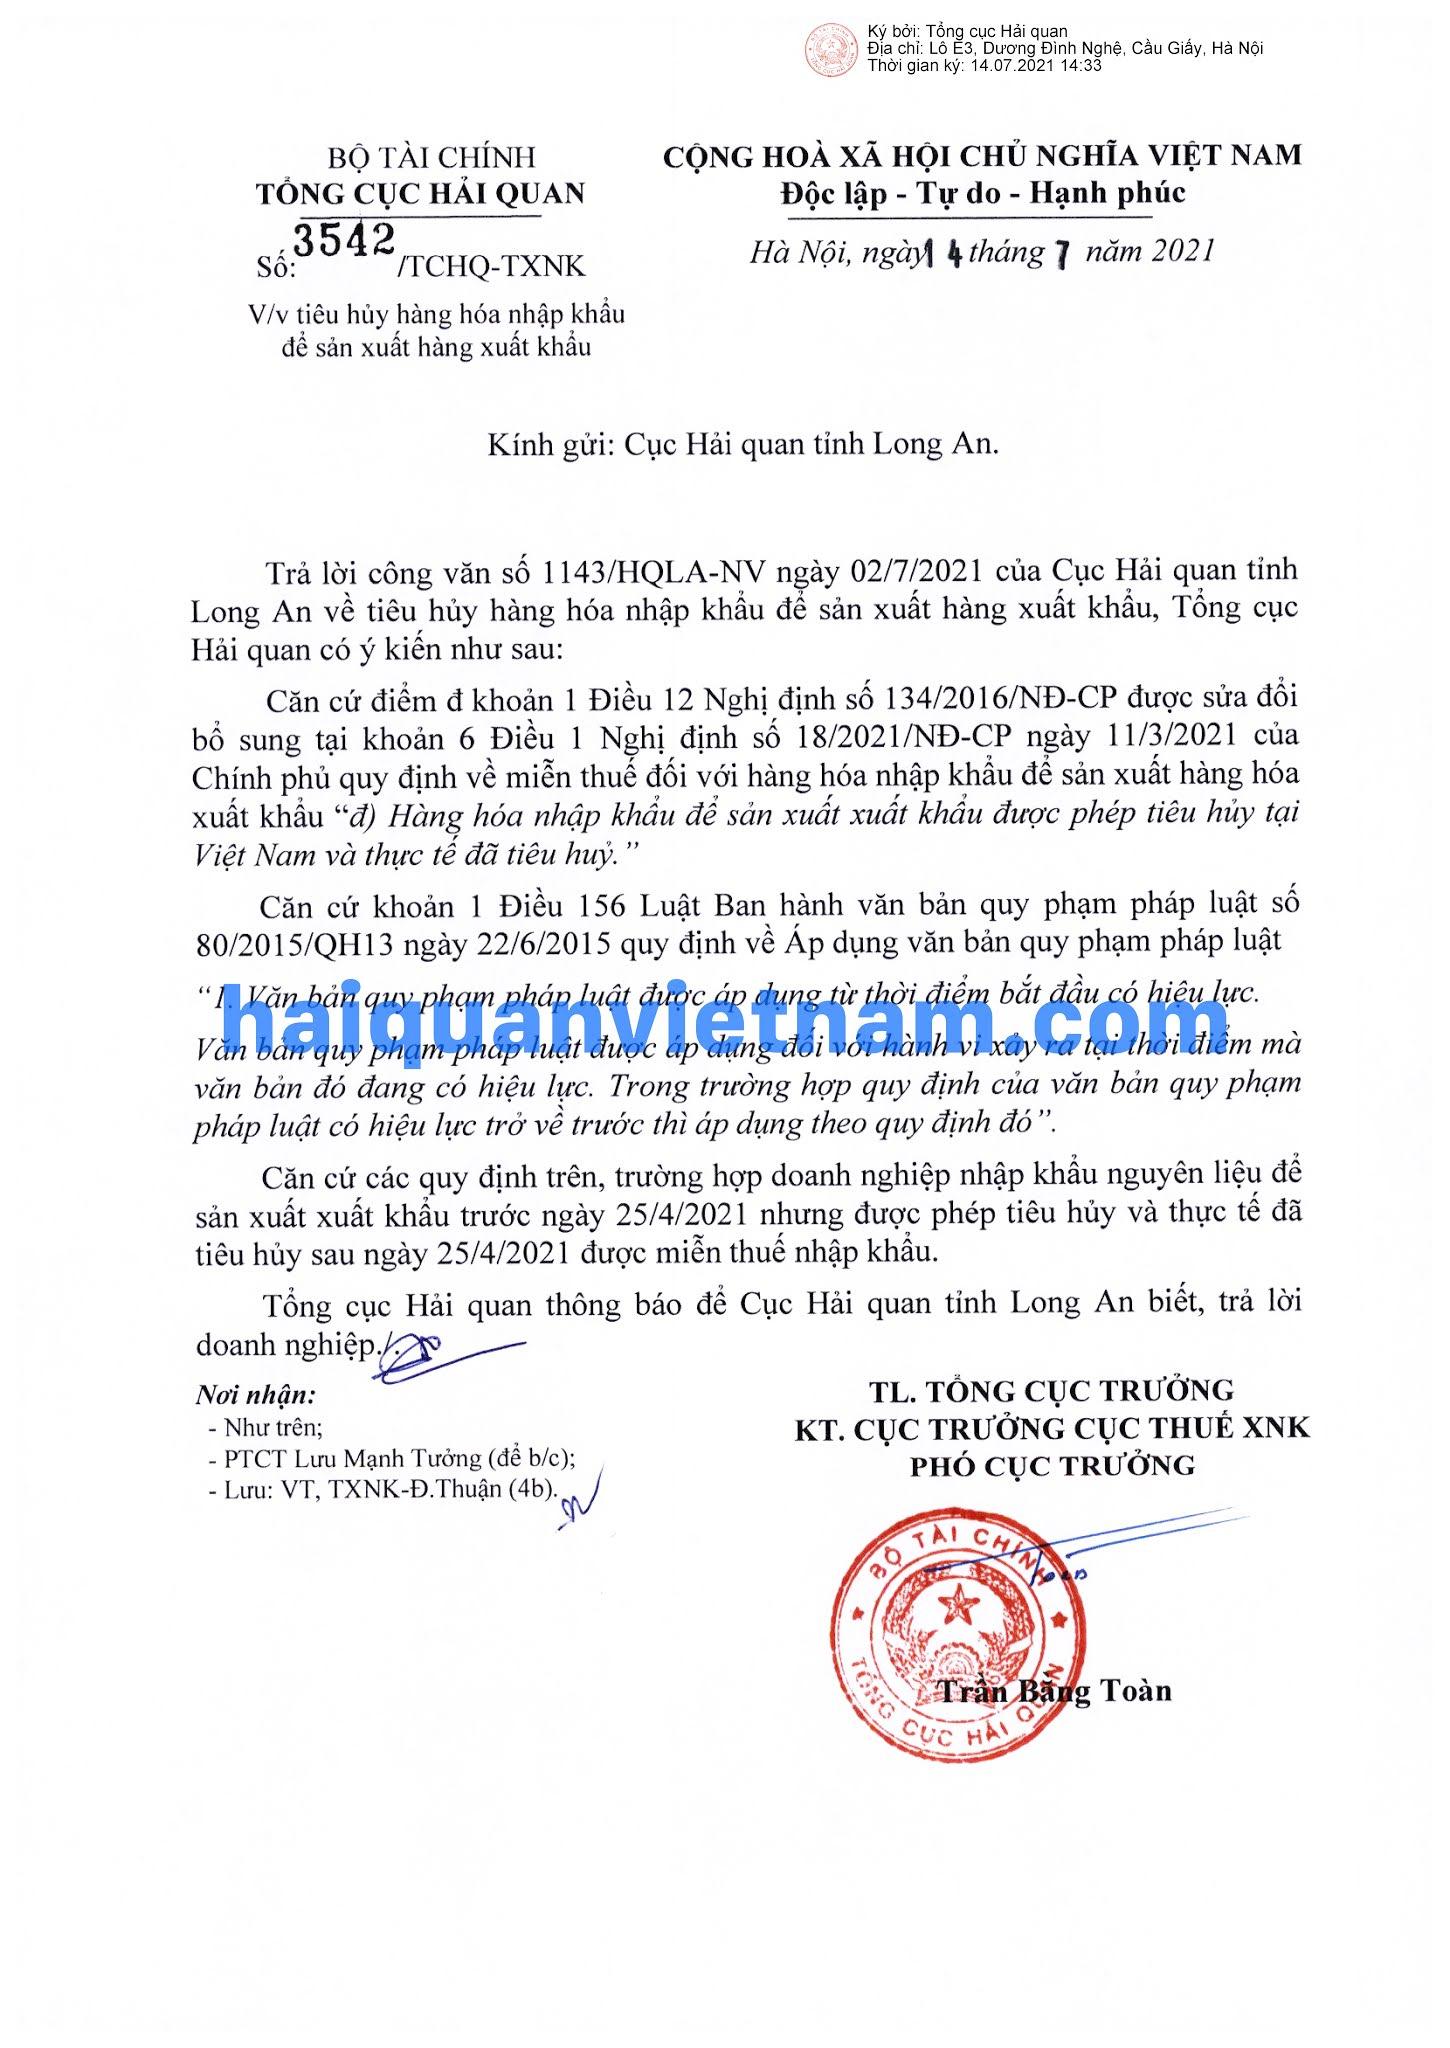 [Image: 210714%2B-%2B3542-TCHQ-TXNK_haiquanvietnam_01.jpg]